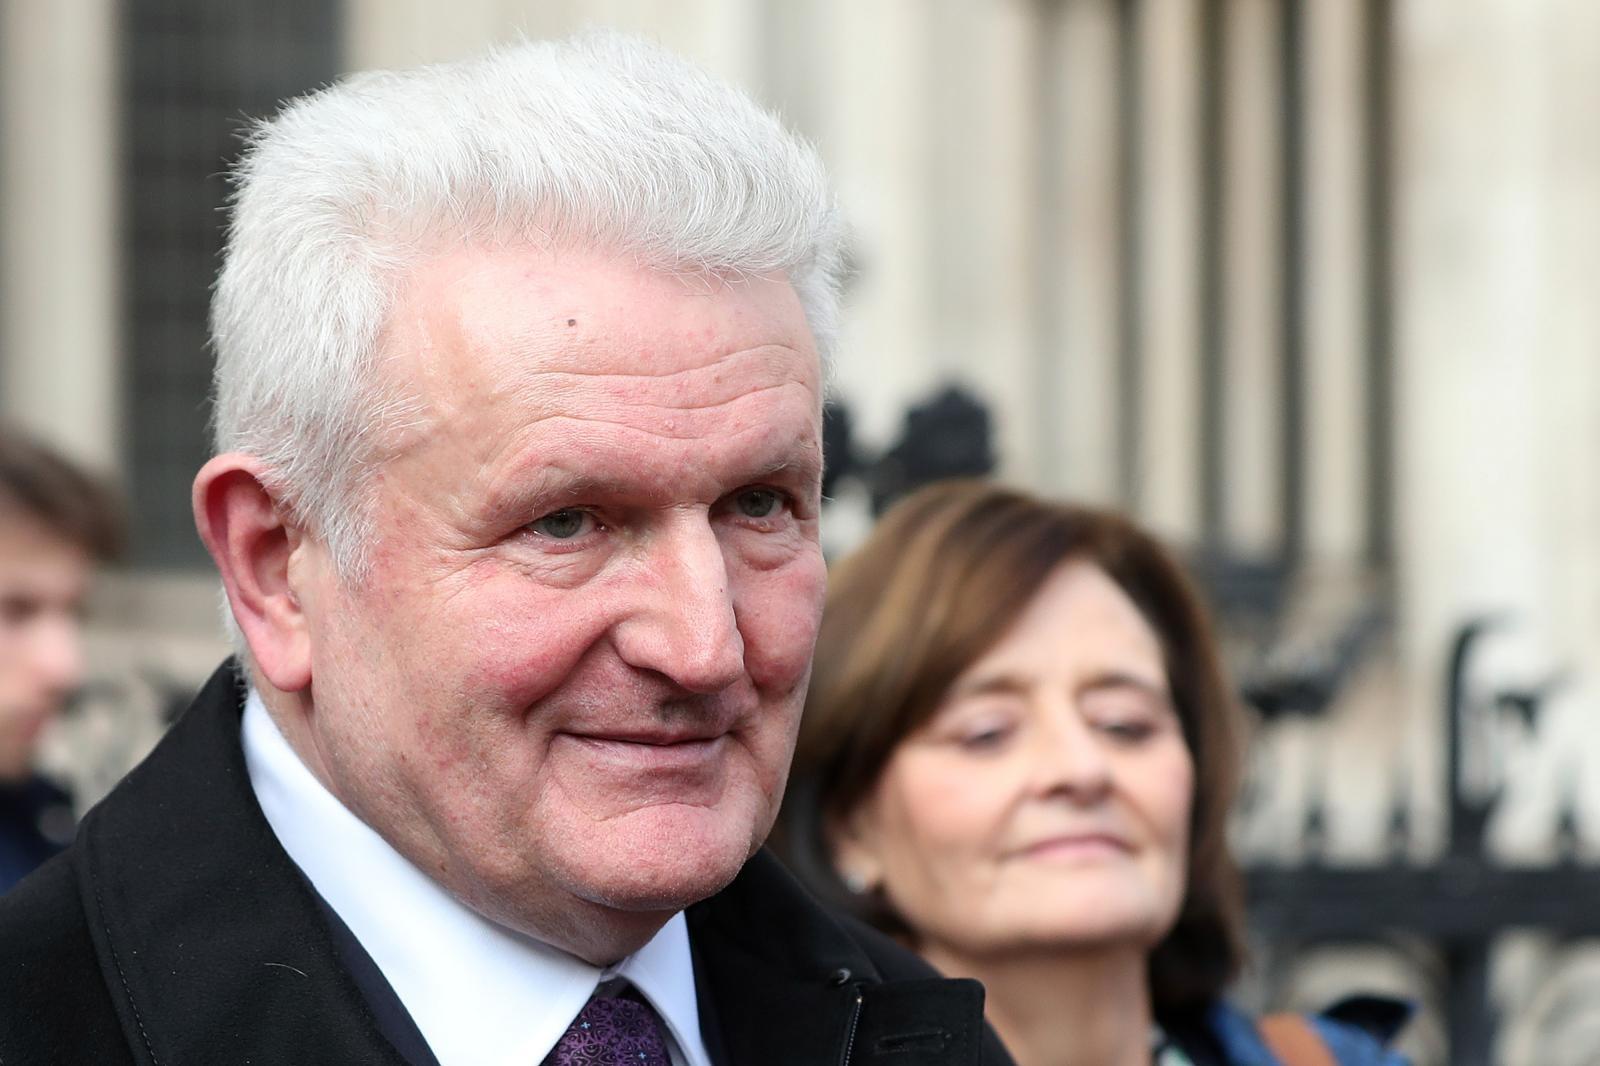 Ivici Todoriću određen pritvor, sud odbio milijun kuna jamčevine